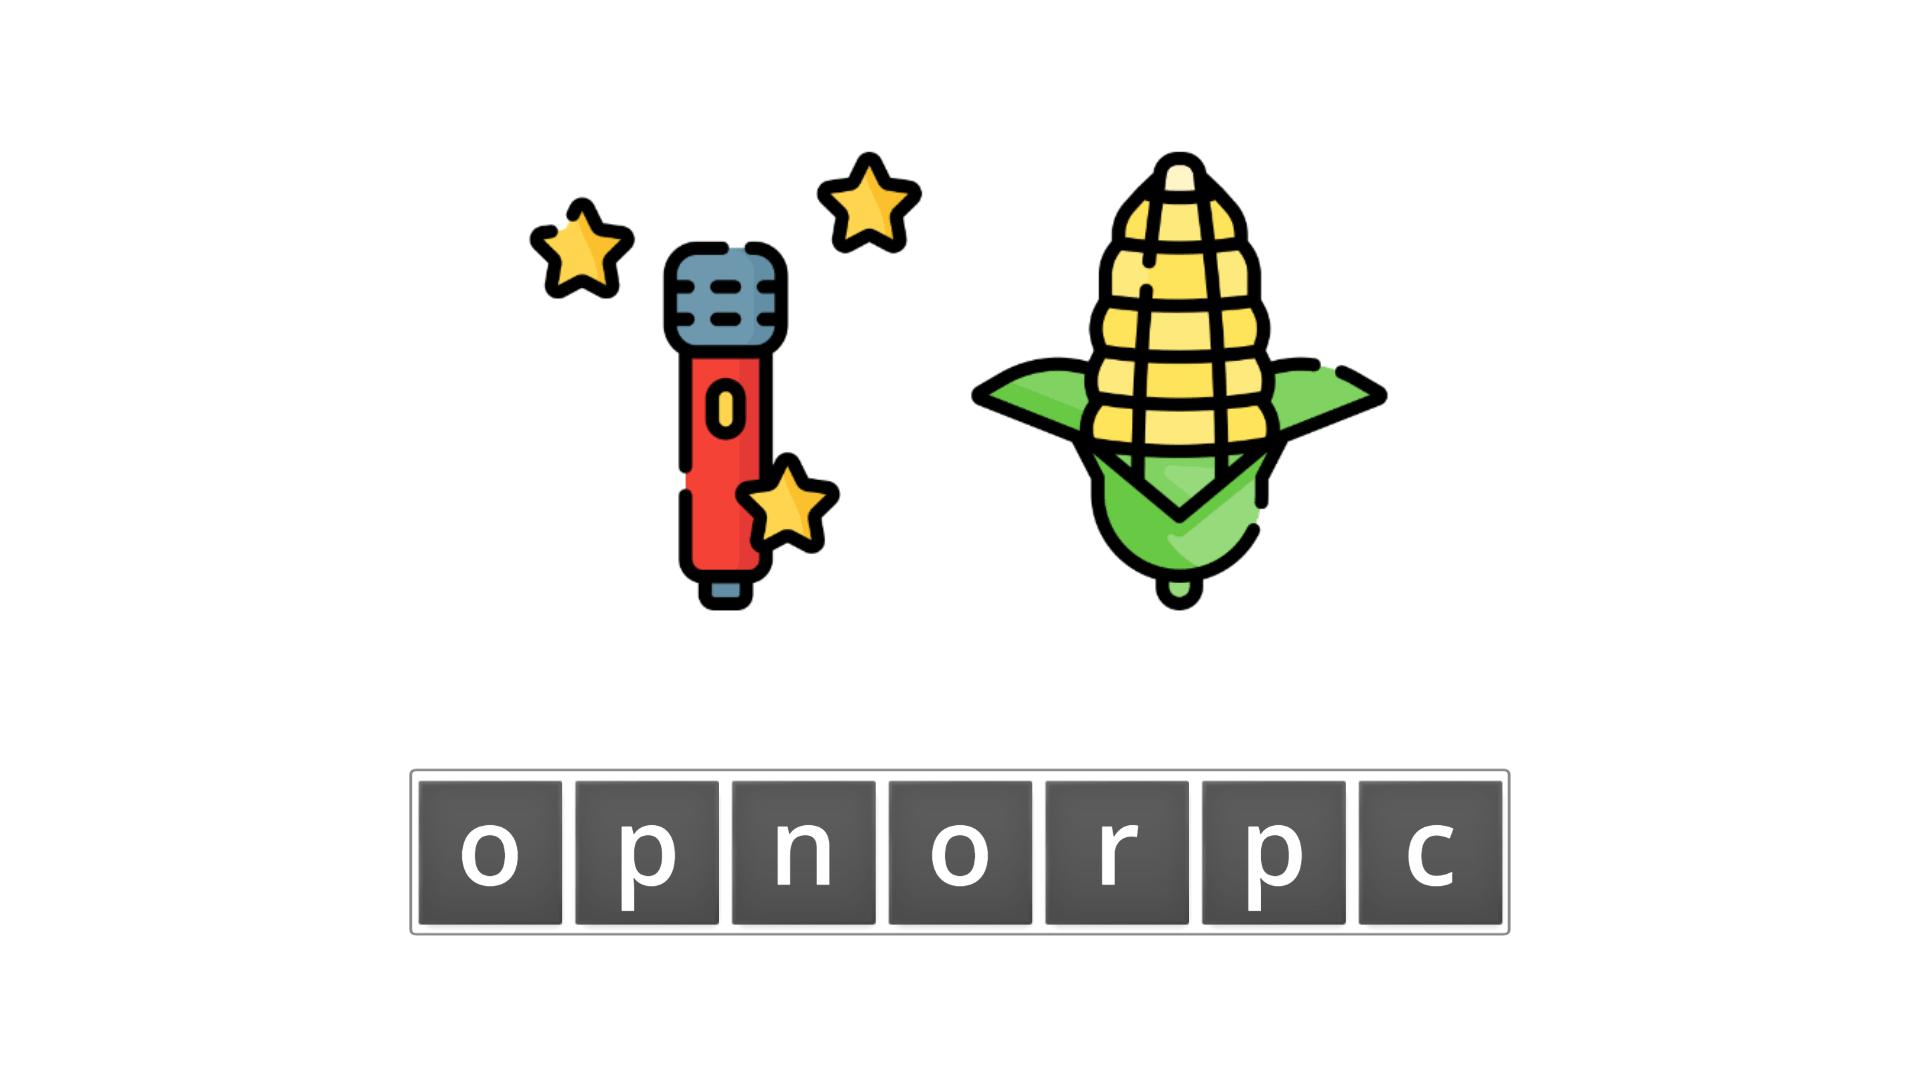 esl resources - flashcards - compound nouns  - unscramble - popcorn